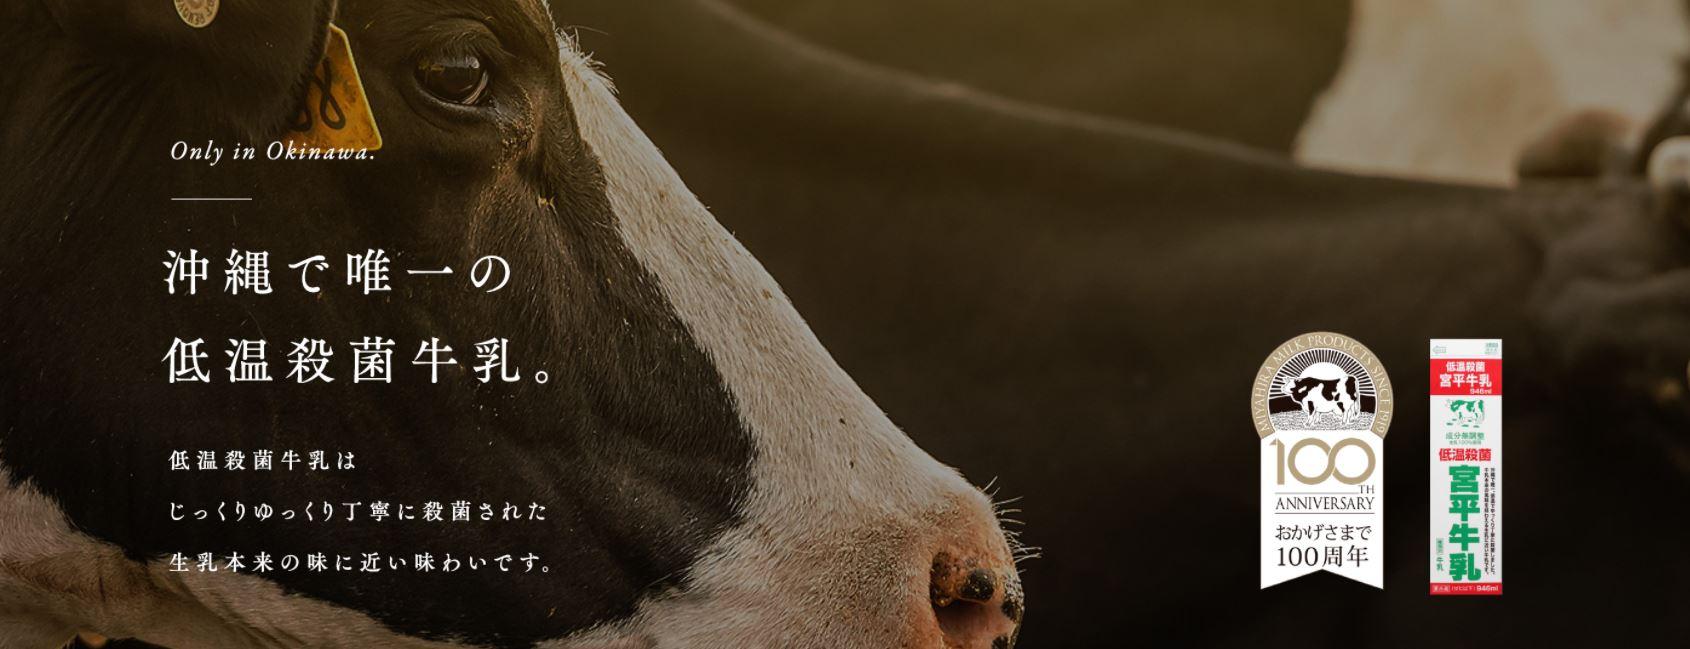 宮平乳業トップ画像|宮平牛乳を扱った宮平ジェラート(アイスクリーム)の通販オンラインショップ|沖縄宮平グッズ